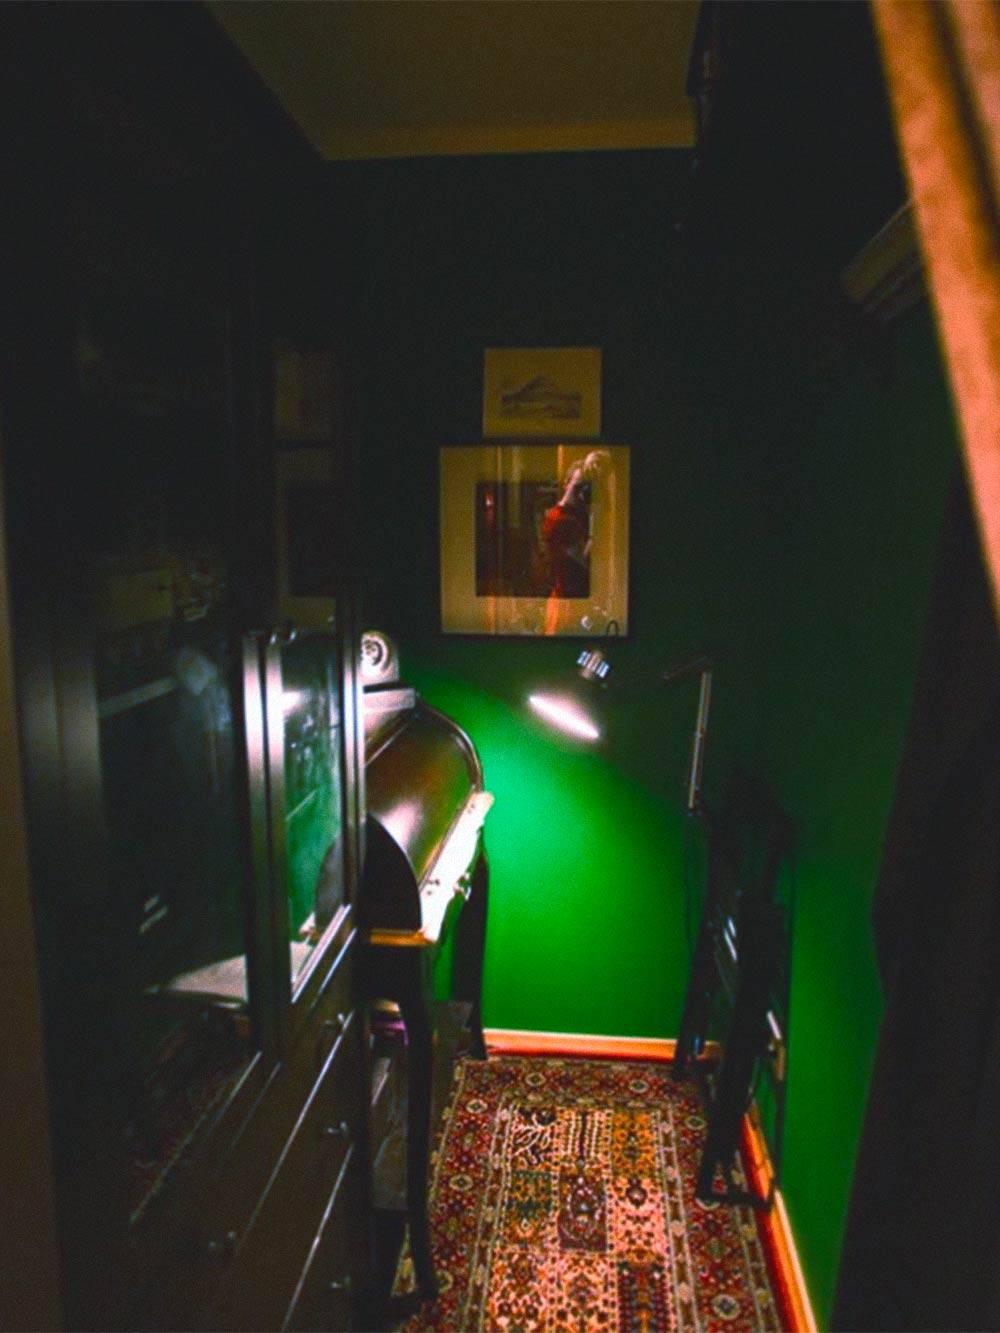 Добавленный в ходе перепланировки кабинет. Пока мы еще жили с бабушкой, здесь была спальня ребенка. Так удавалось хоть как-то отселить его на время сна из единственной доступной нам комнаты